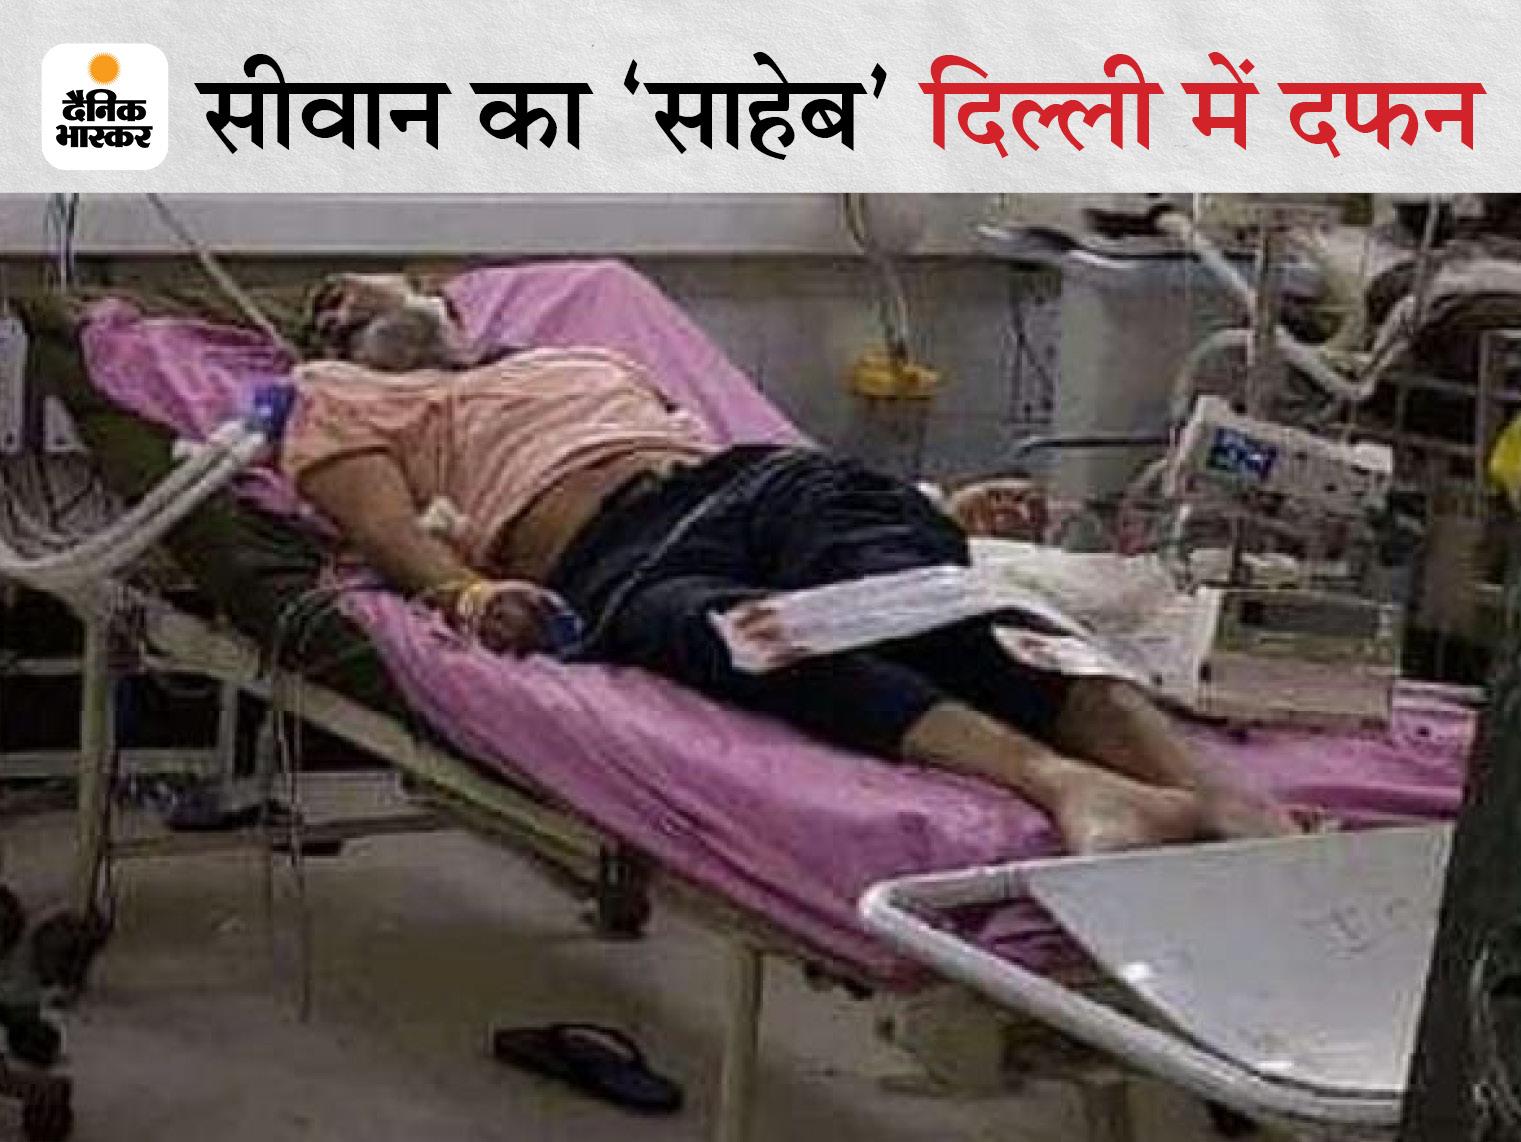 शहाबुद्दीन का पहले पोस्टमार्टम होगा, फिर दिल्ली के शाहीन बाग़ में दफनाया जाएगा बिहार,Bihar - Dainik Bhaskar